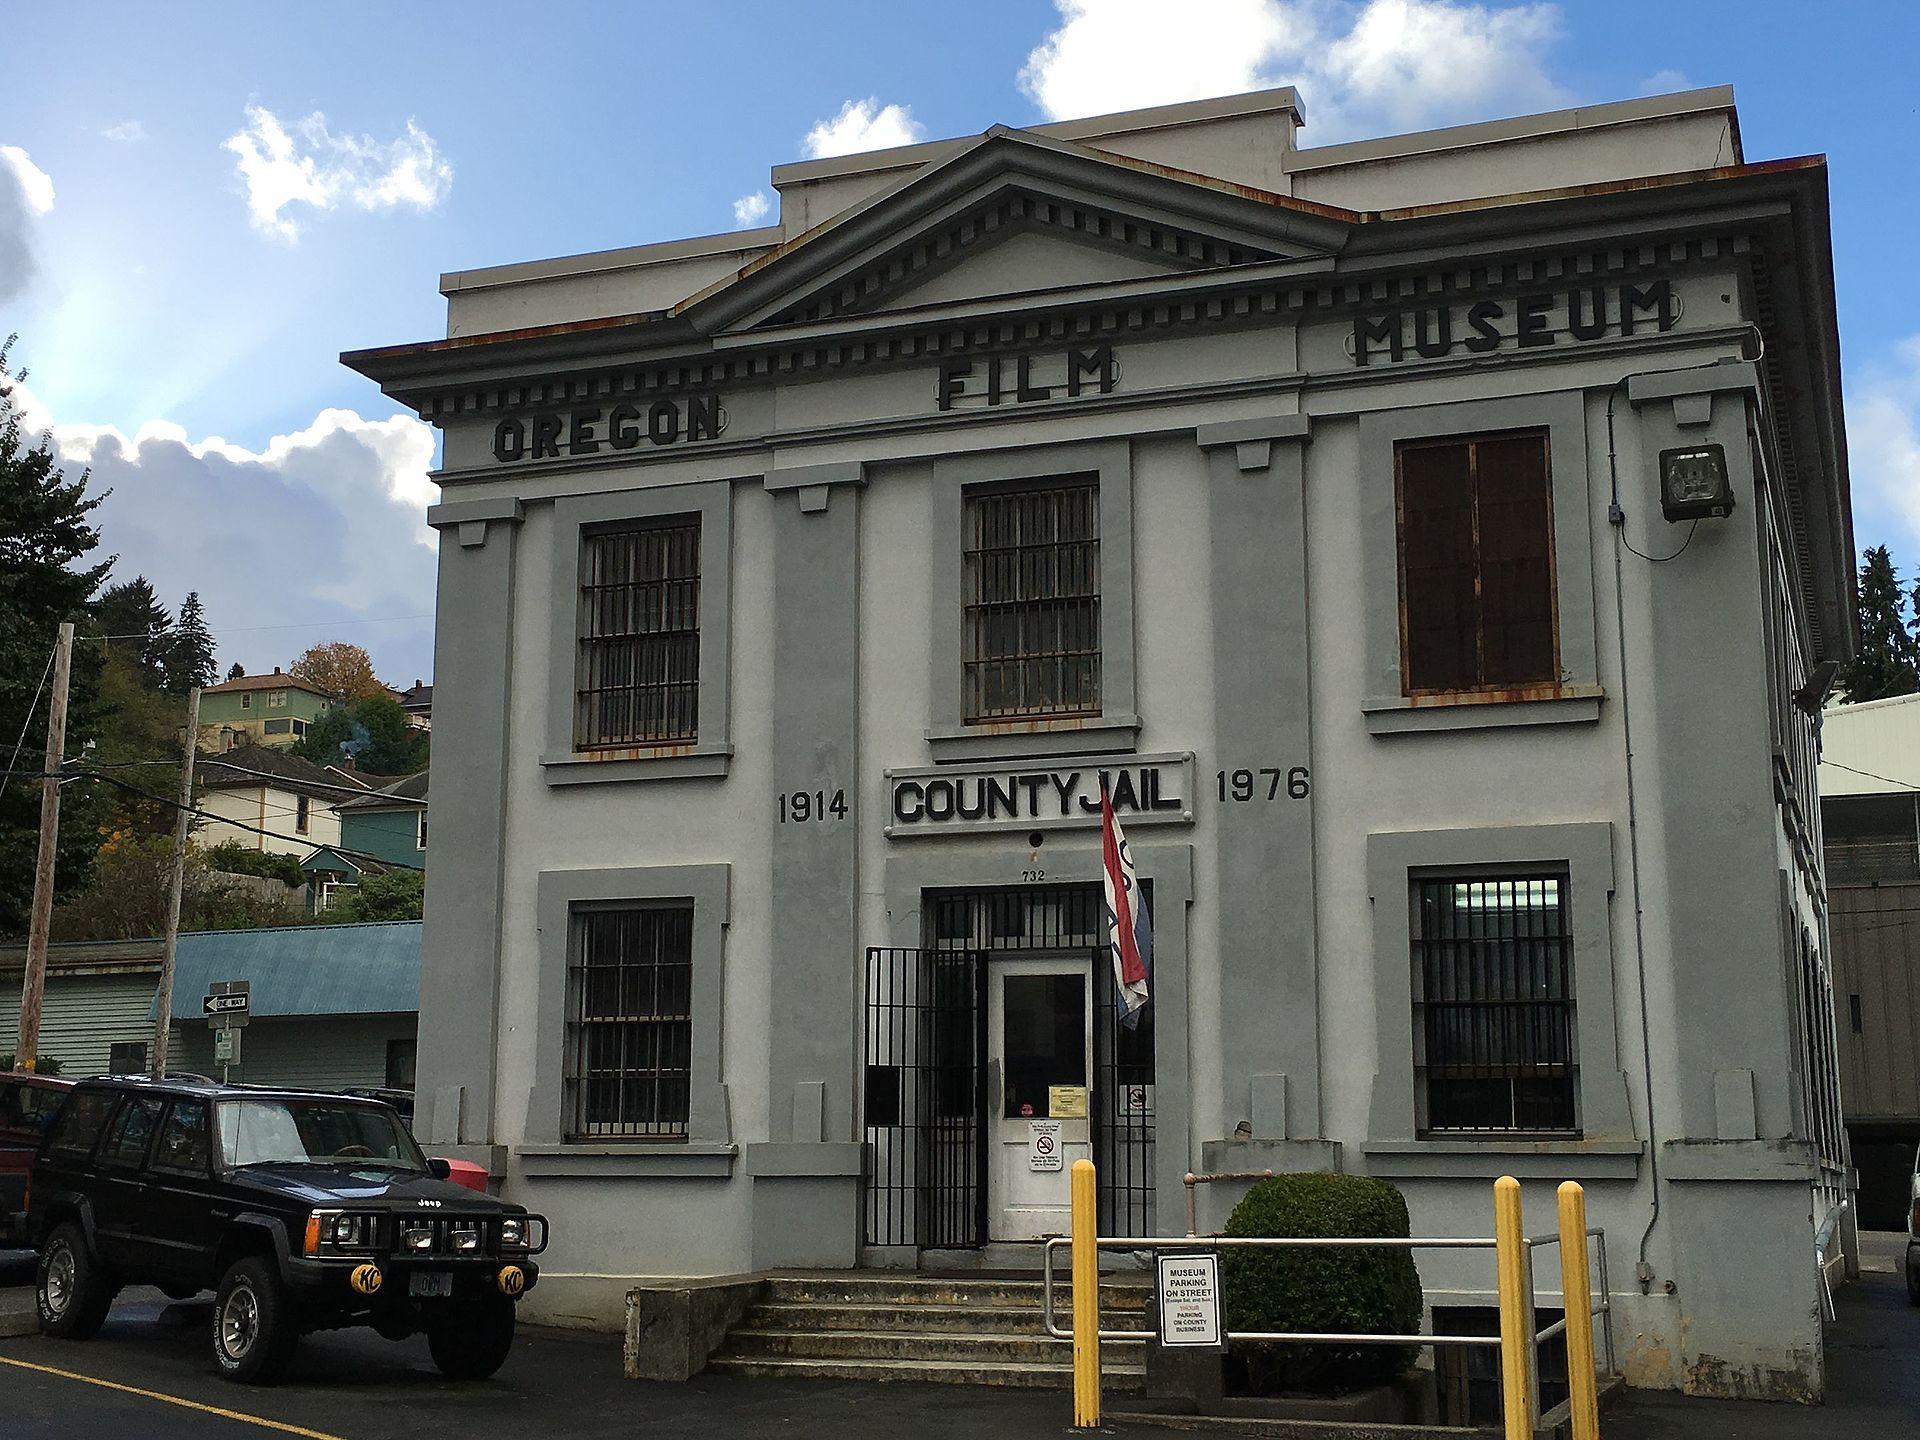 The Oregon Film Museum